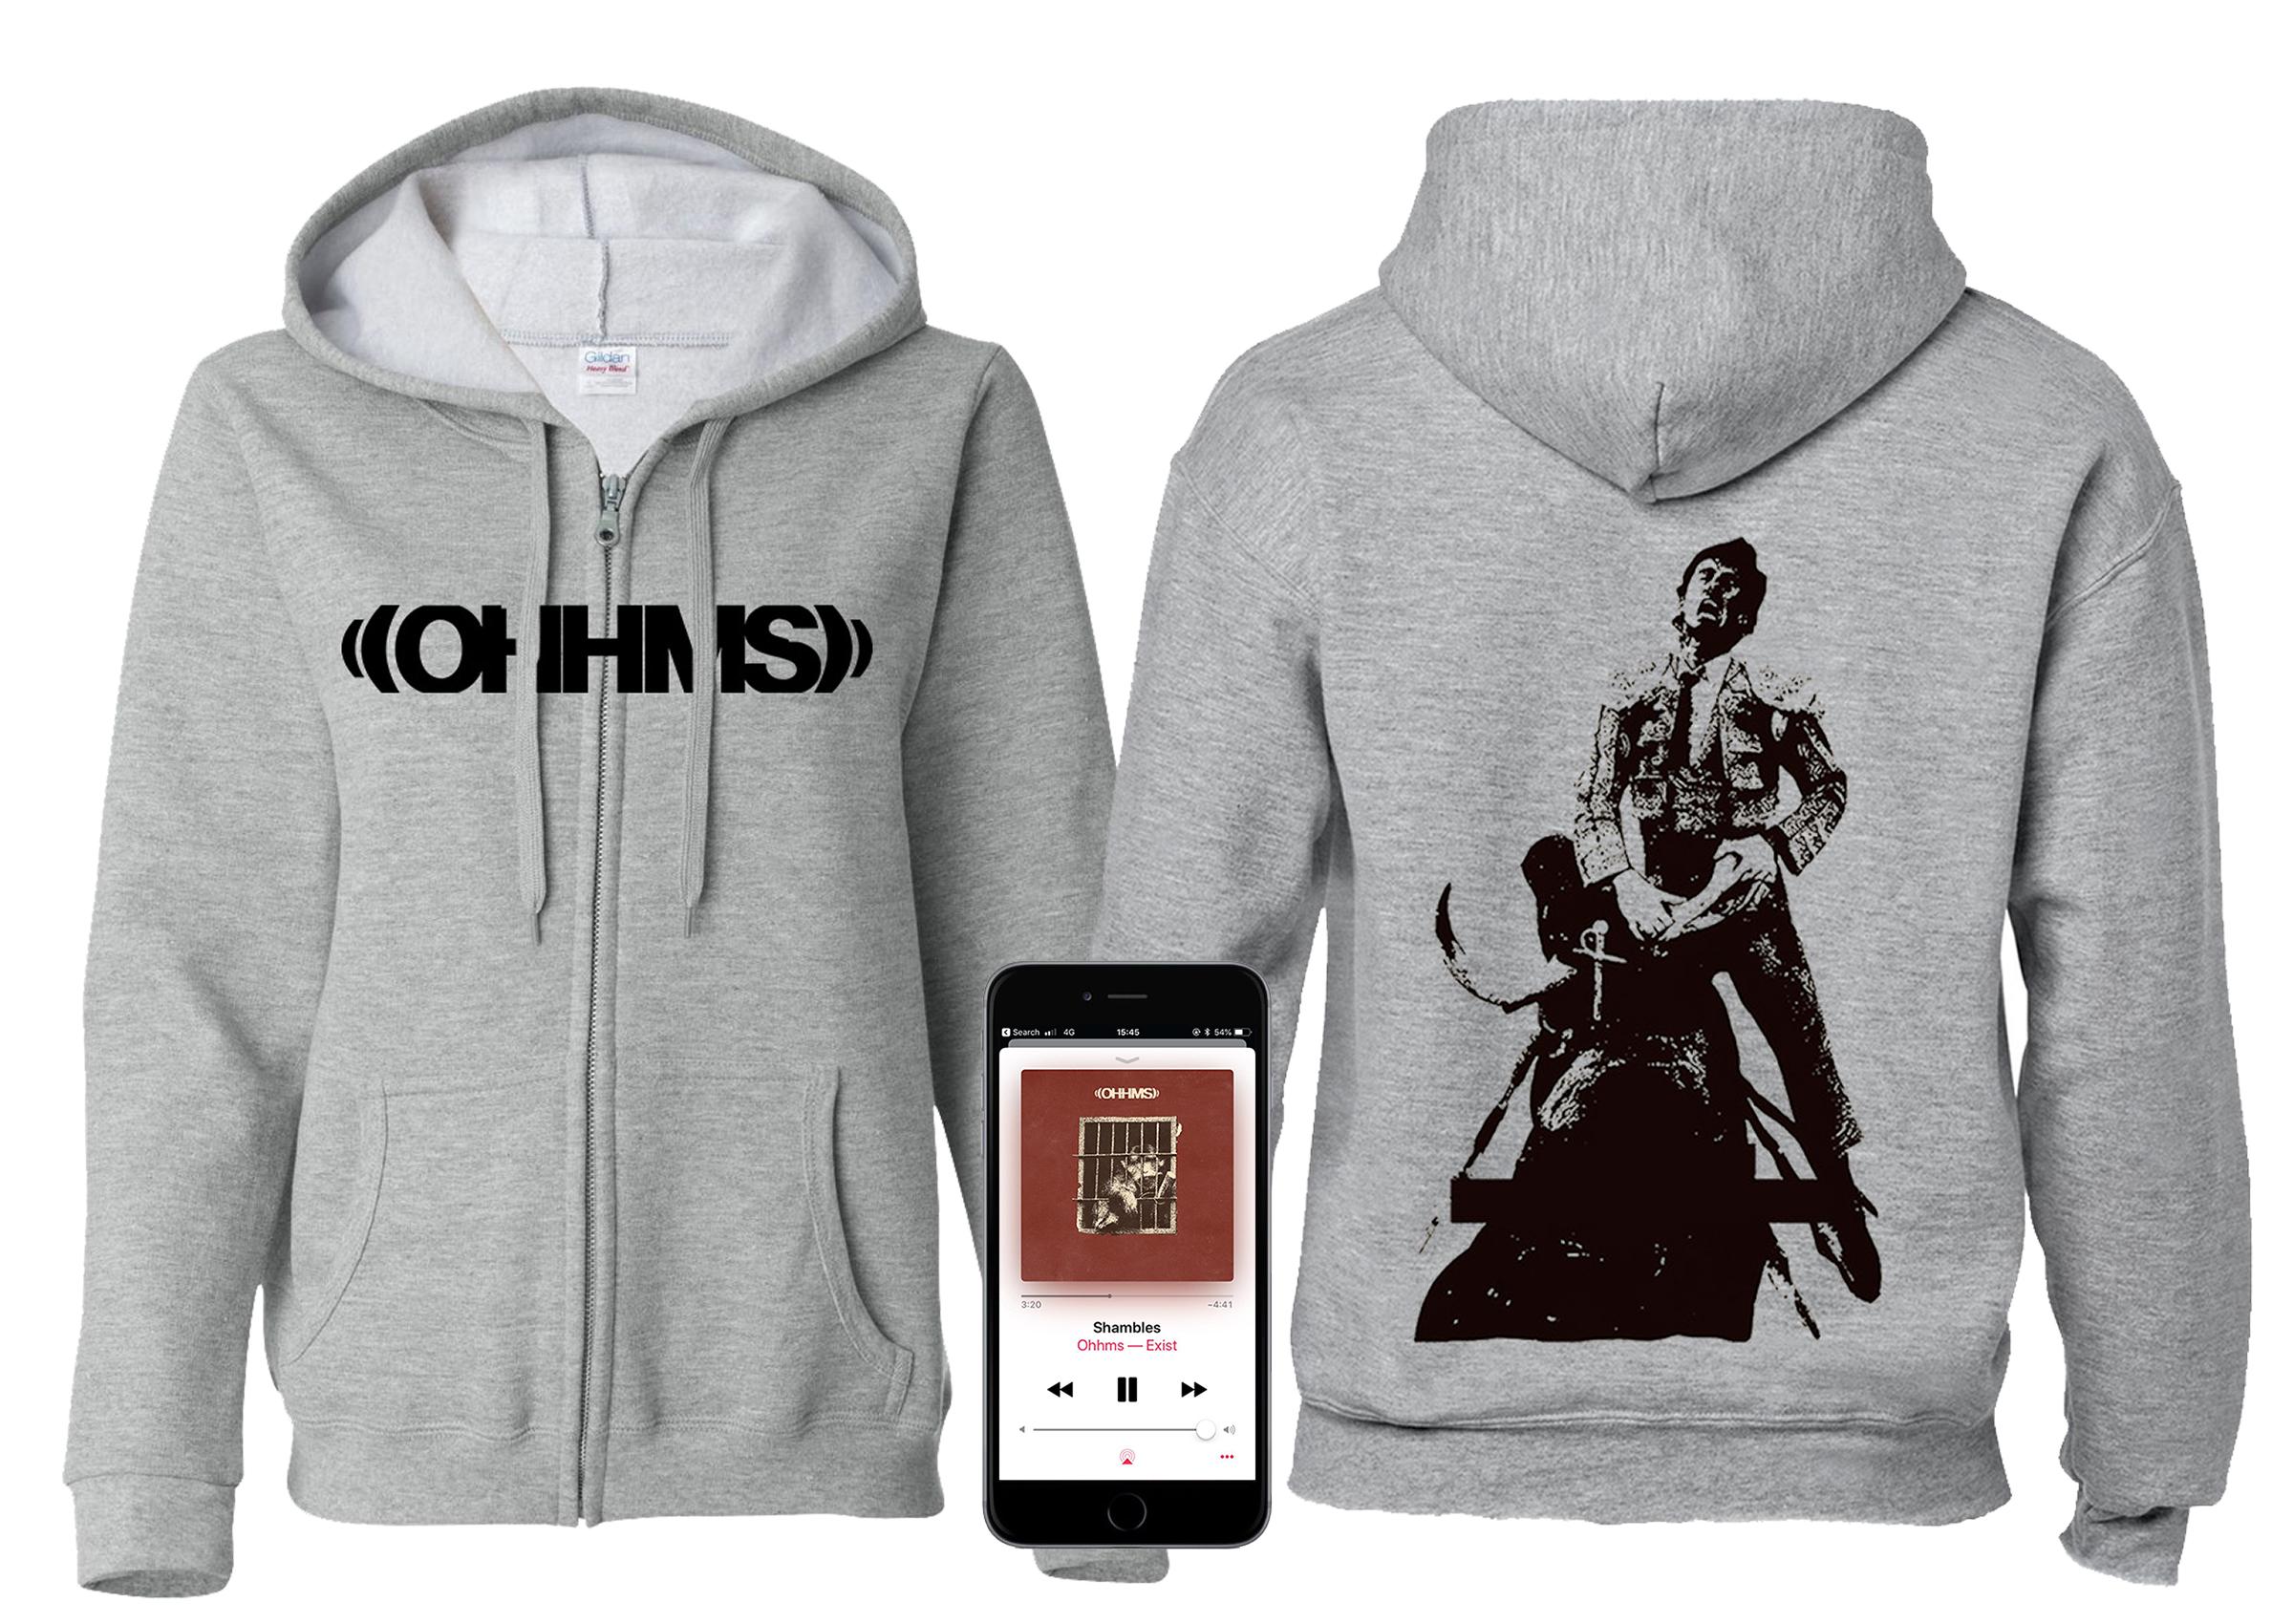 OHHMS - Exist Matador zip-up hoodie + Digital Download